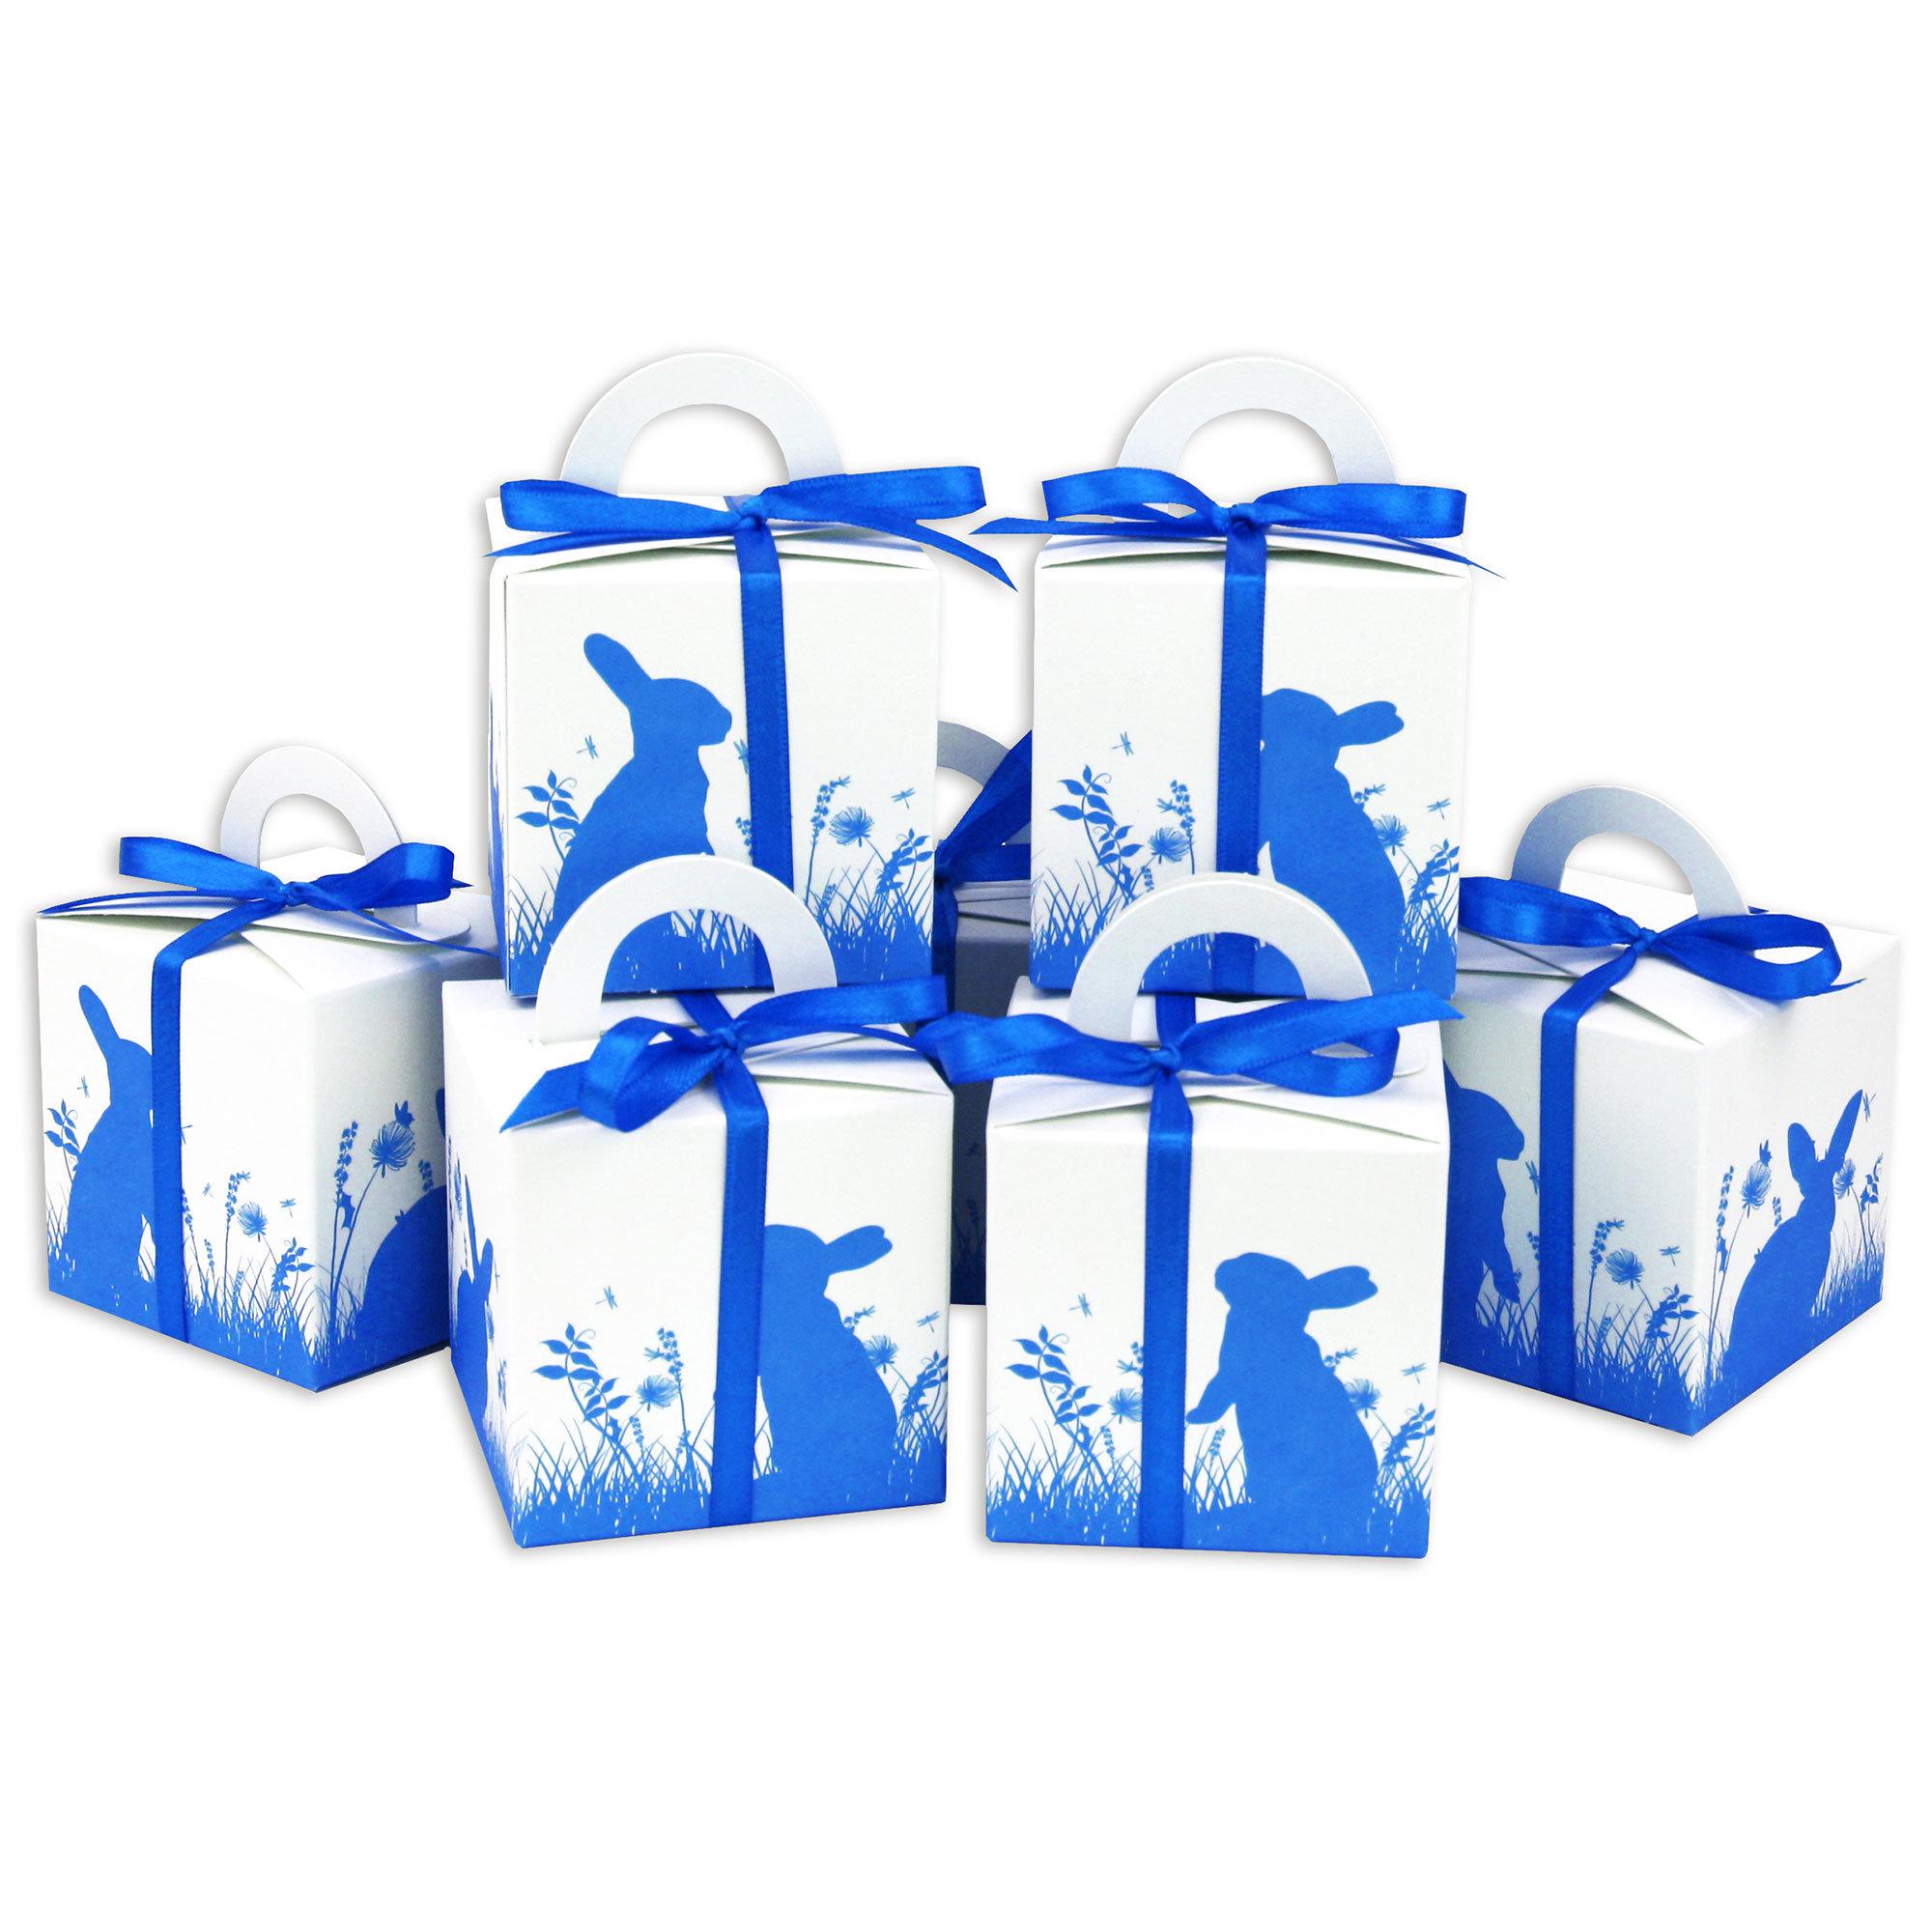 diy osterhasen kisten blauer aufdruck wei e geschenkboxen zu ostern geschenkverpackung zum. Black Bedroom Furniture Sets. Home Design Ideas